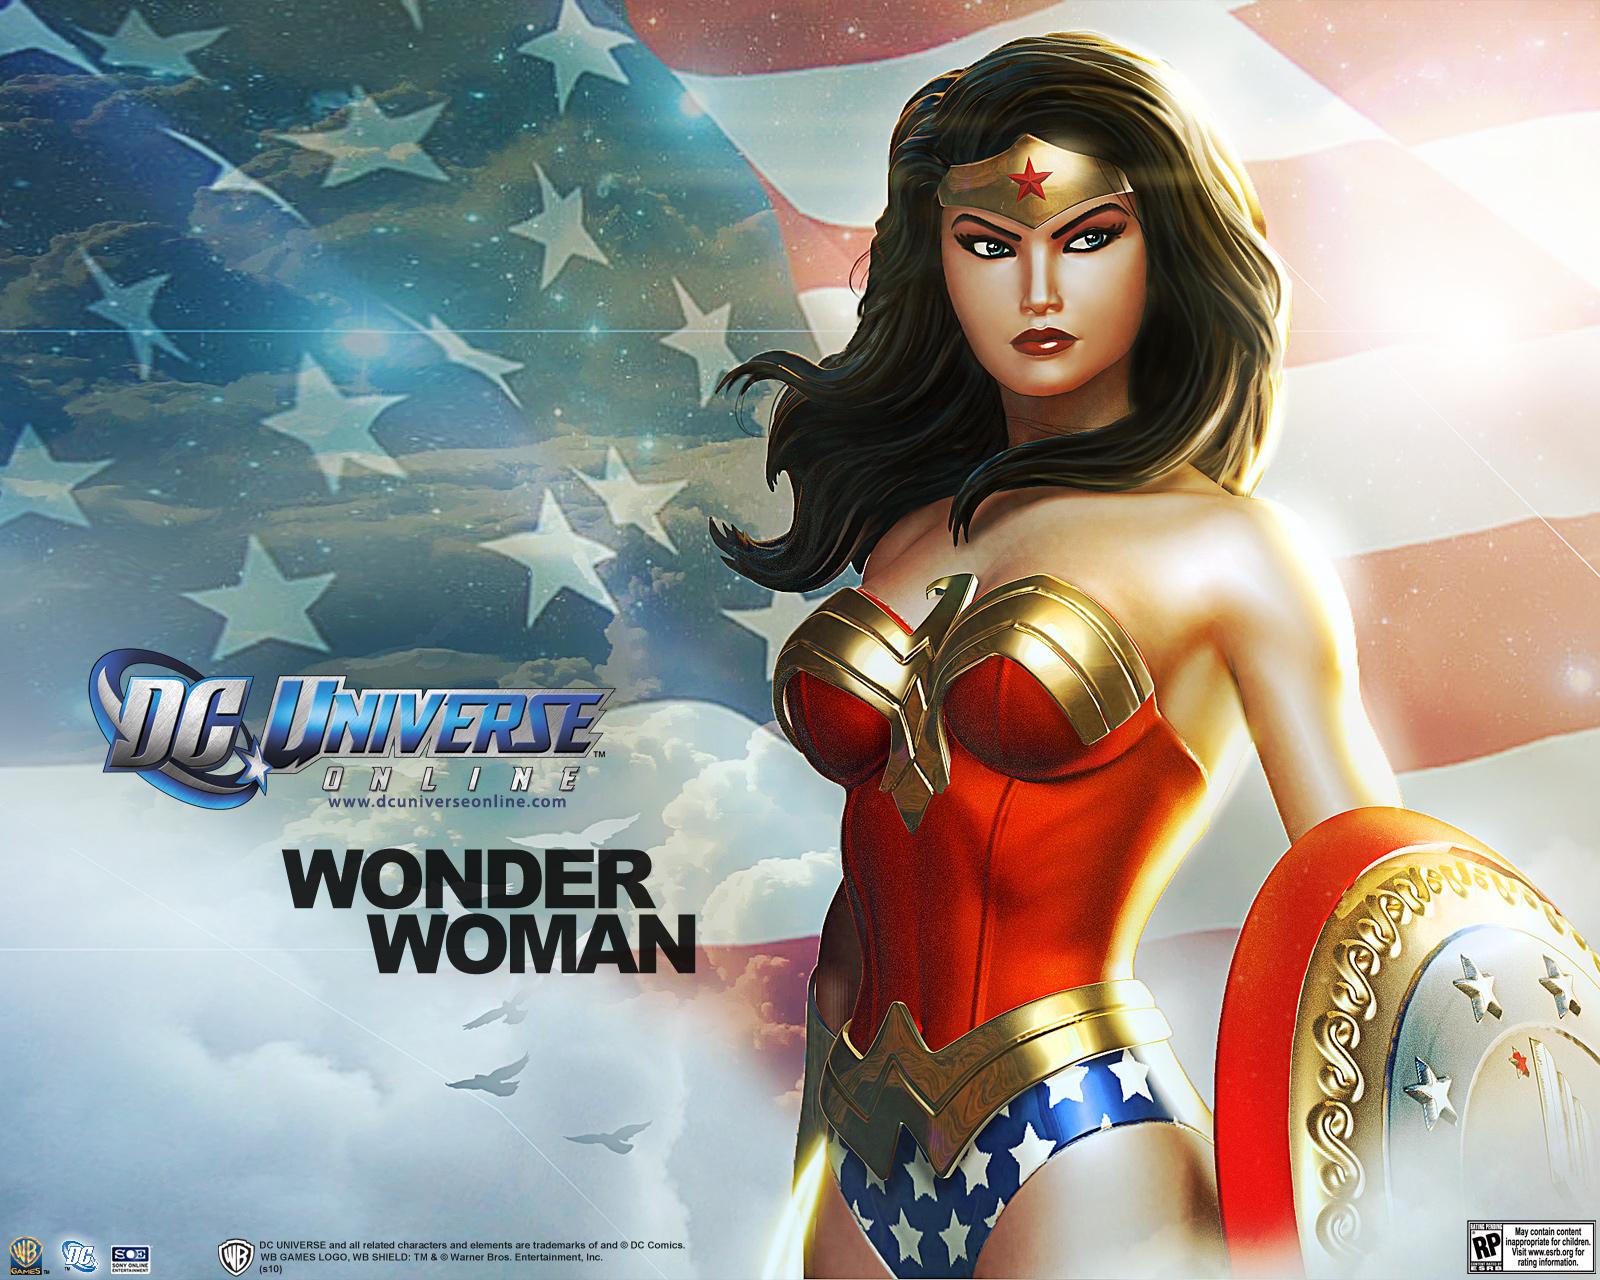 http://4.bp.blogspot.com/-DwGFeqsB4LM/TttlHqqeQuI/AAAAAAAADNU/XkMllOnbJUU/s1600/wonder-woman.jpg